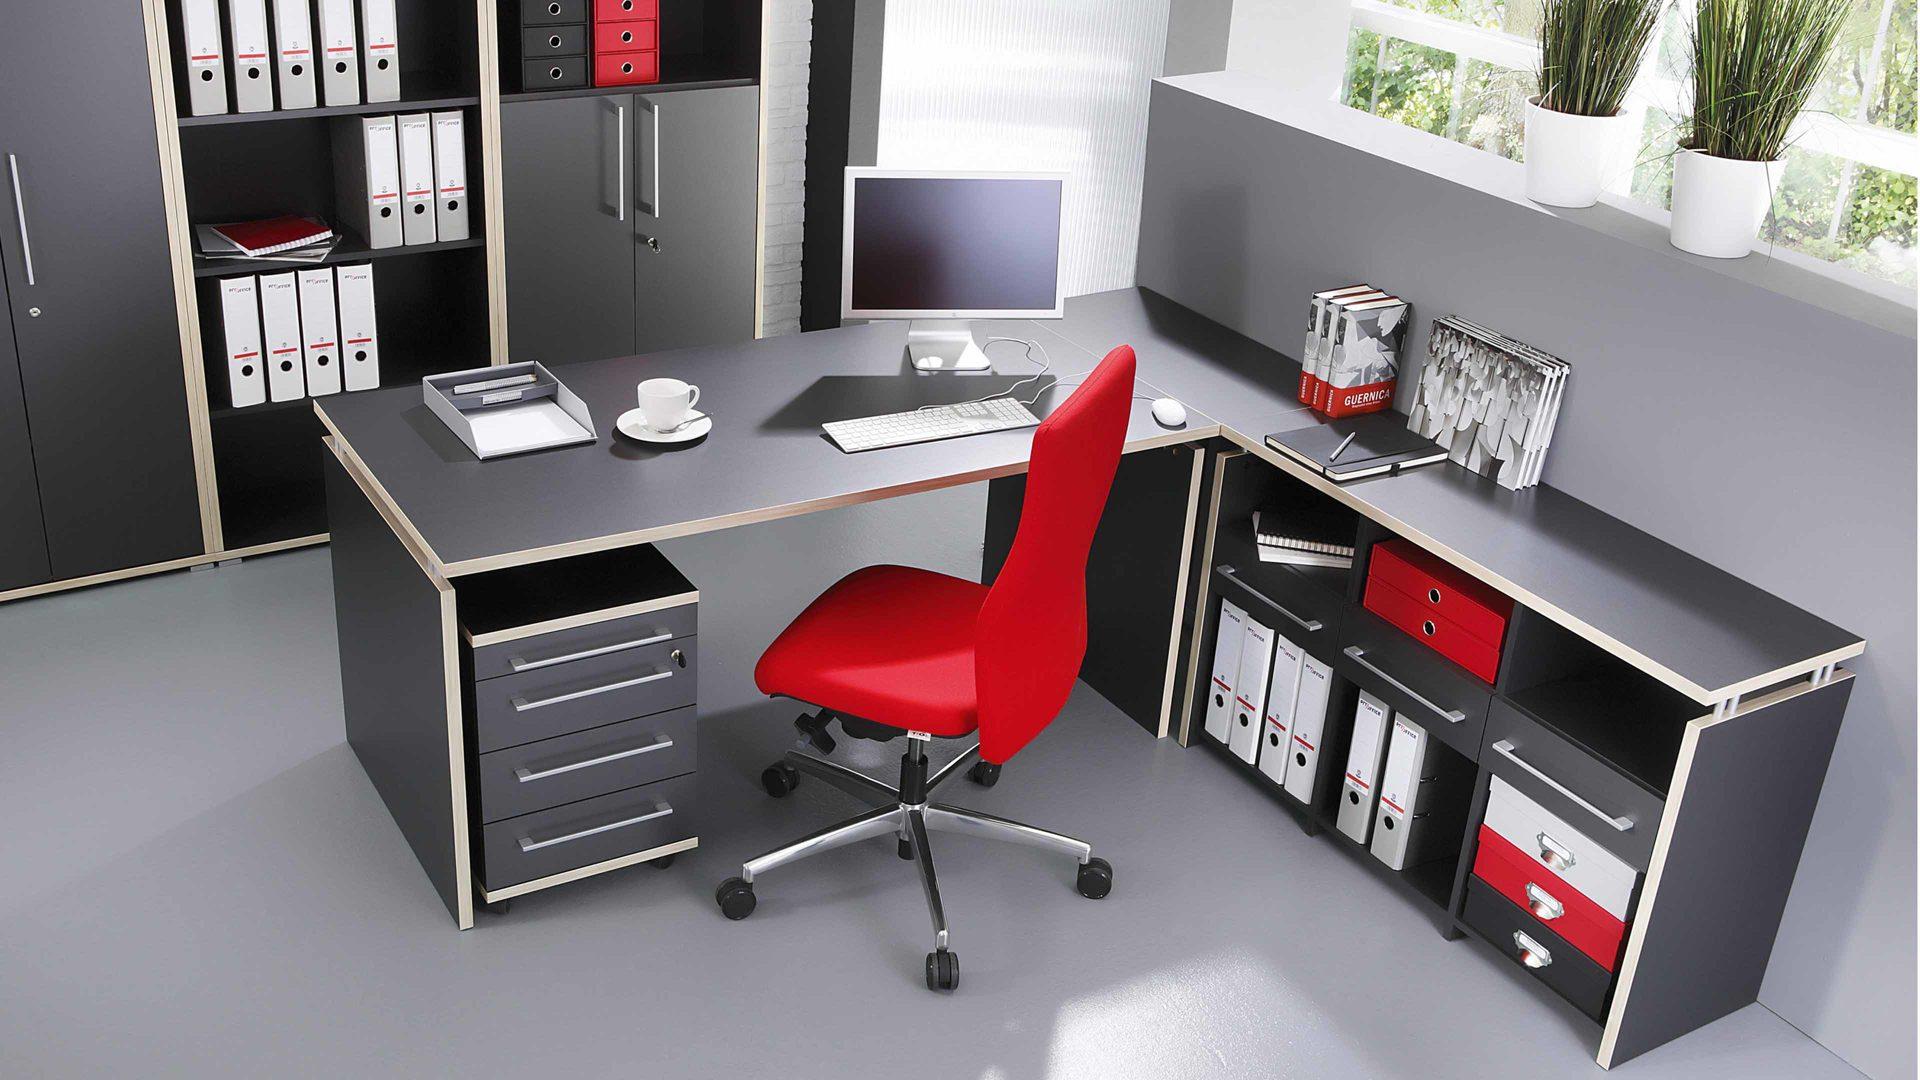 Möbel Frauendorfer Amberg | Räume | Arbeitszimmer | Schreibtische ...